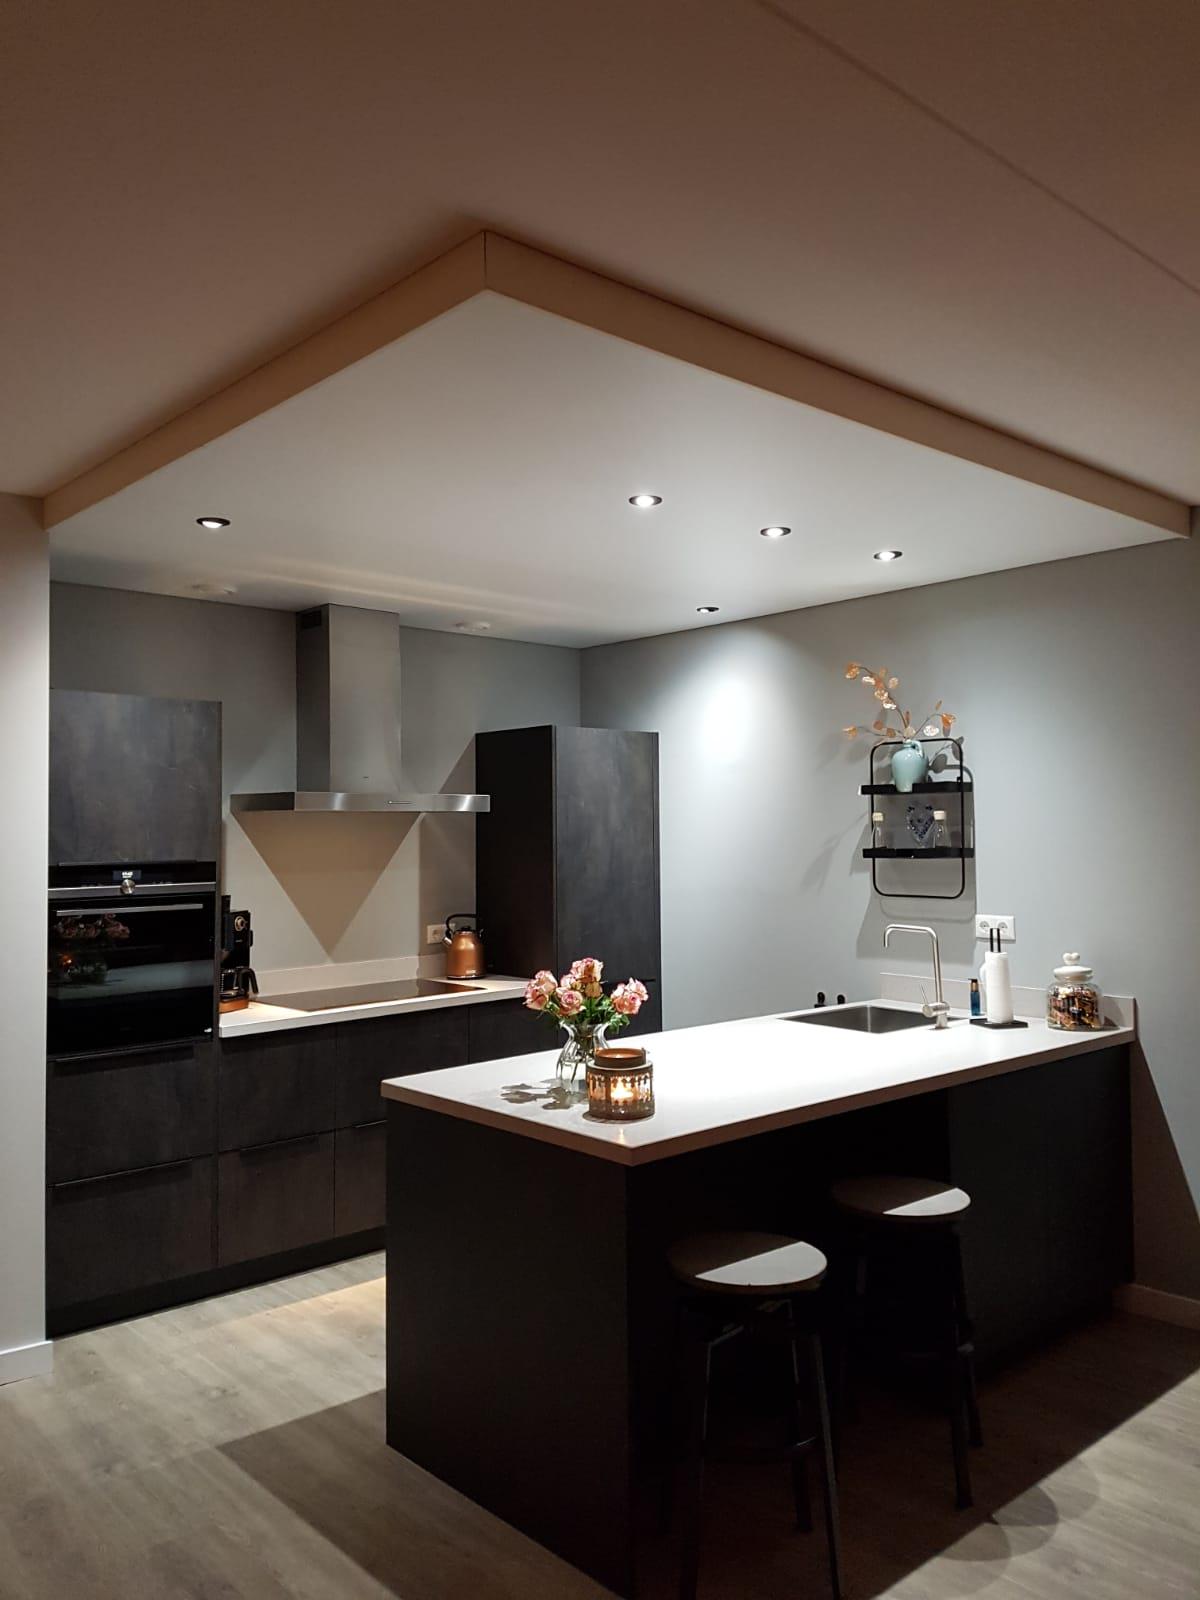 mooie LED verlichting in keukens met spanplafond van indara